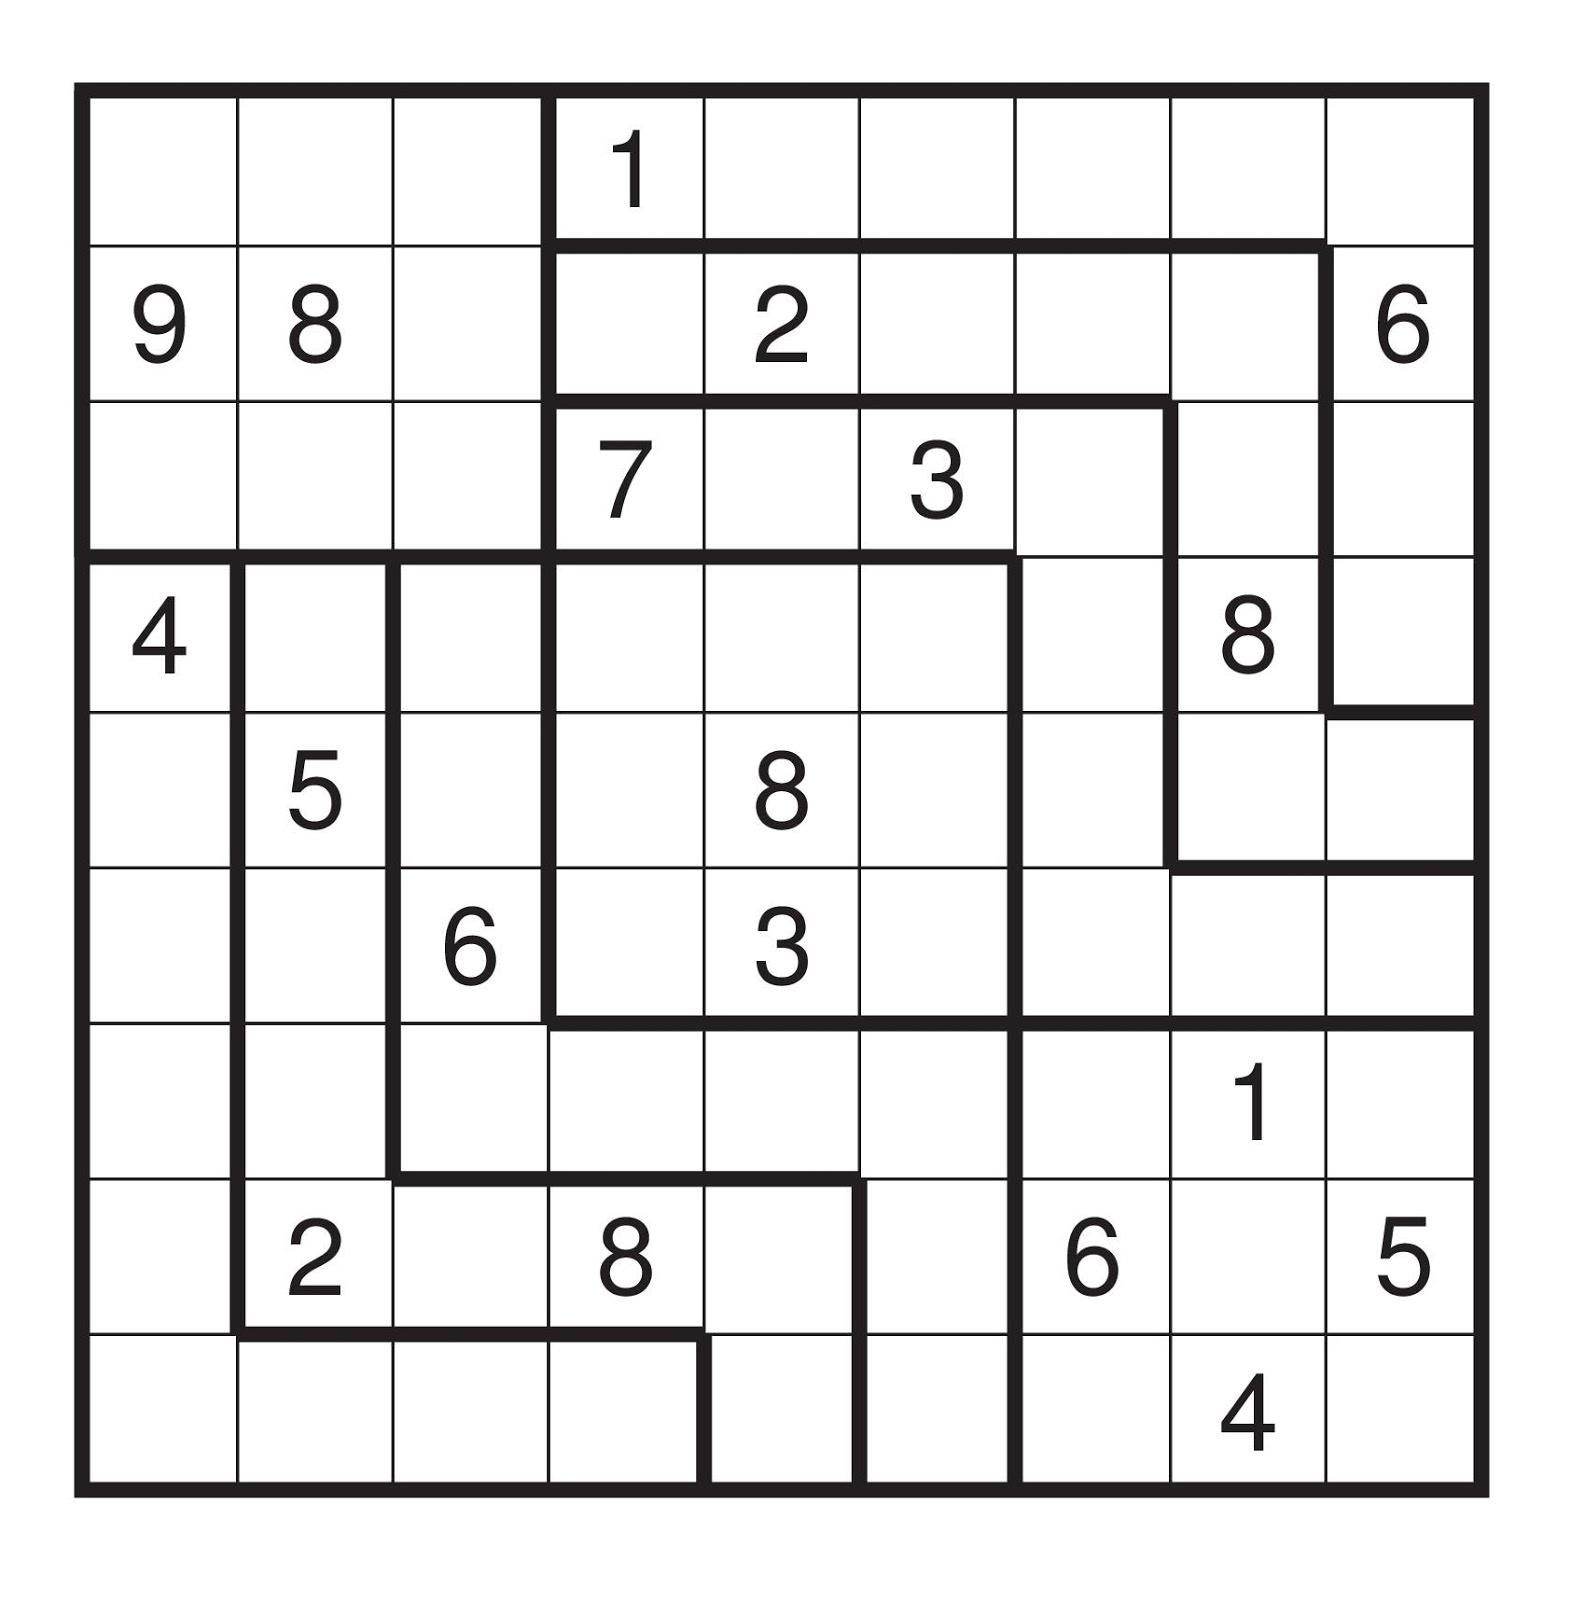 Irregular Sudoku